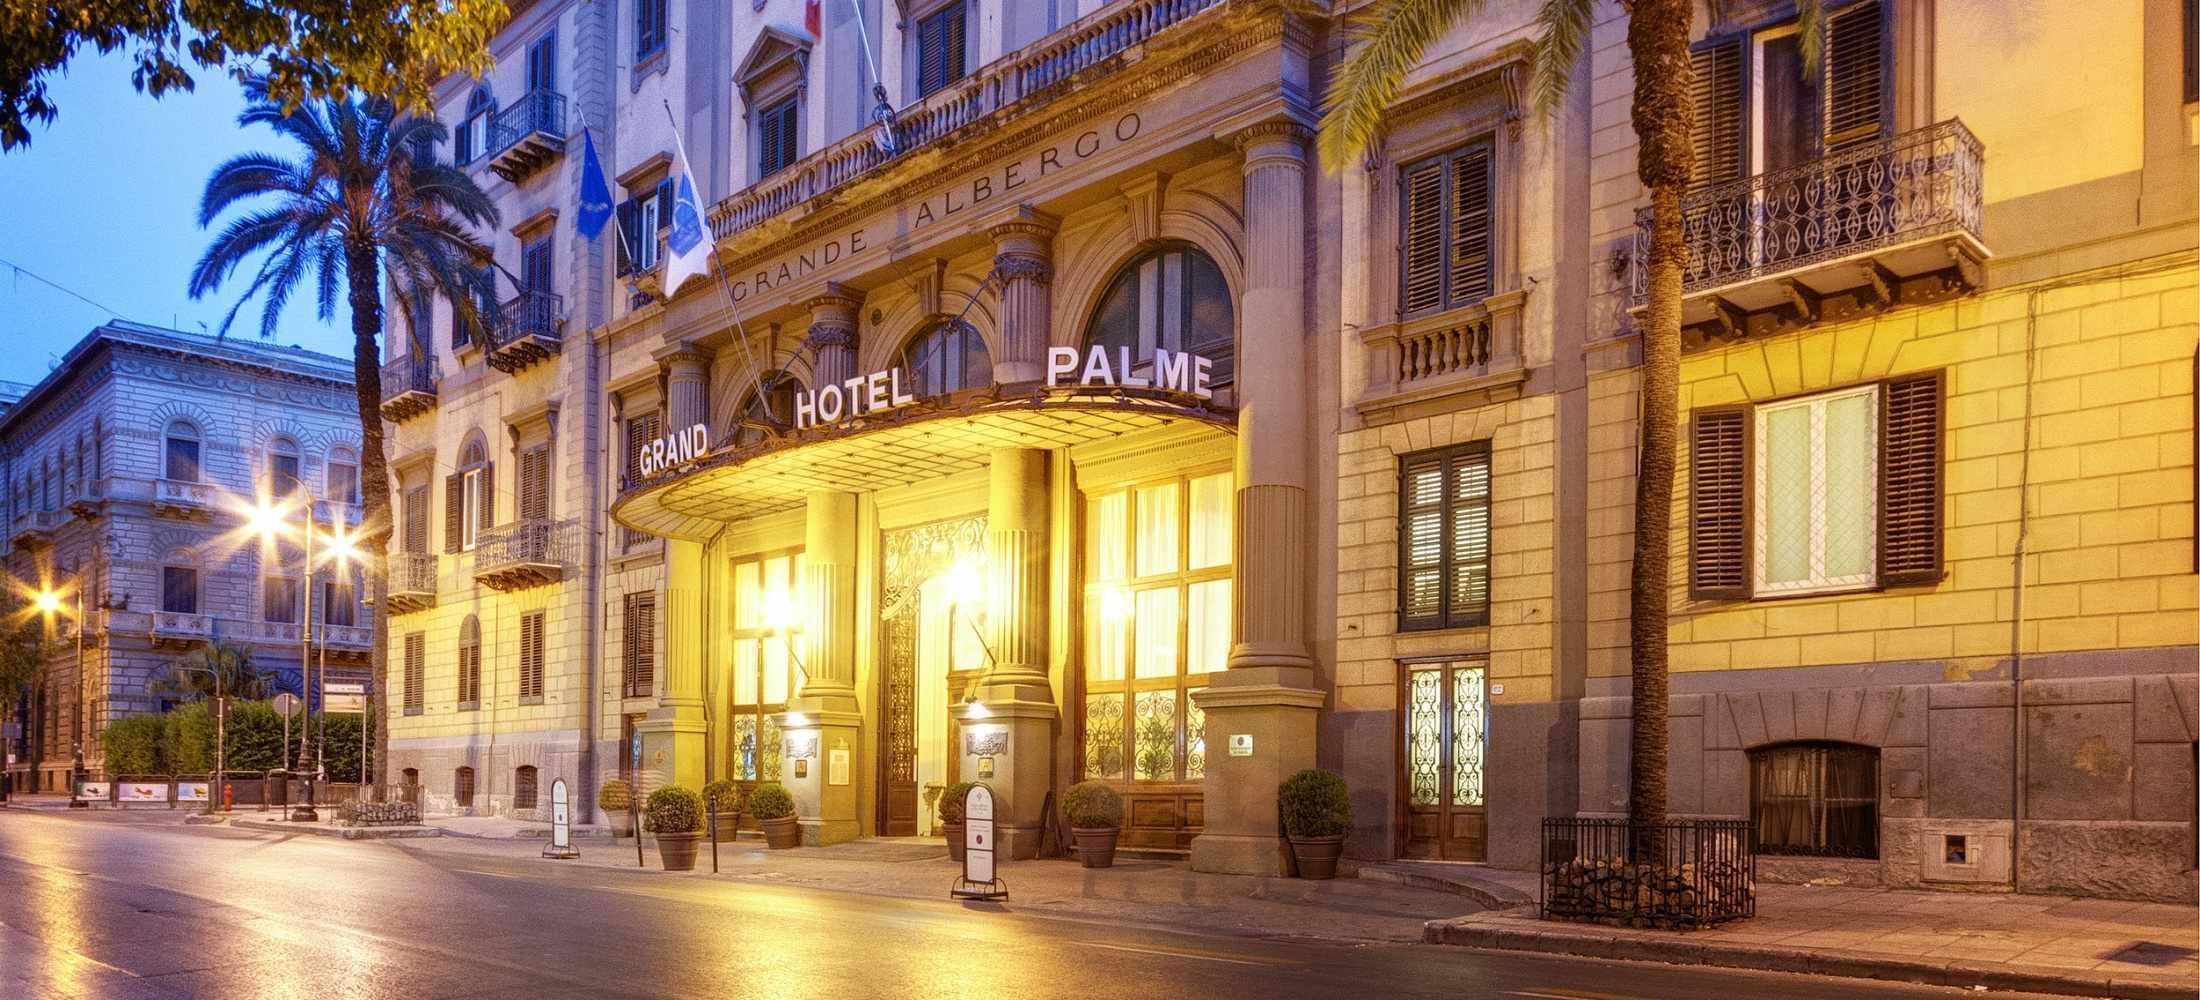 hotel_di_palms